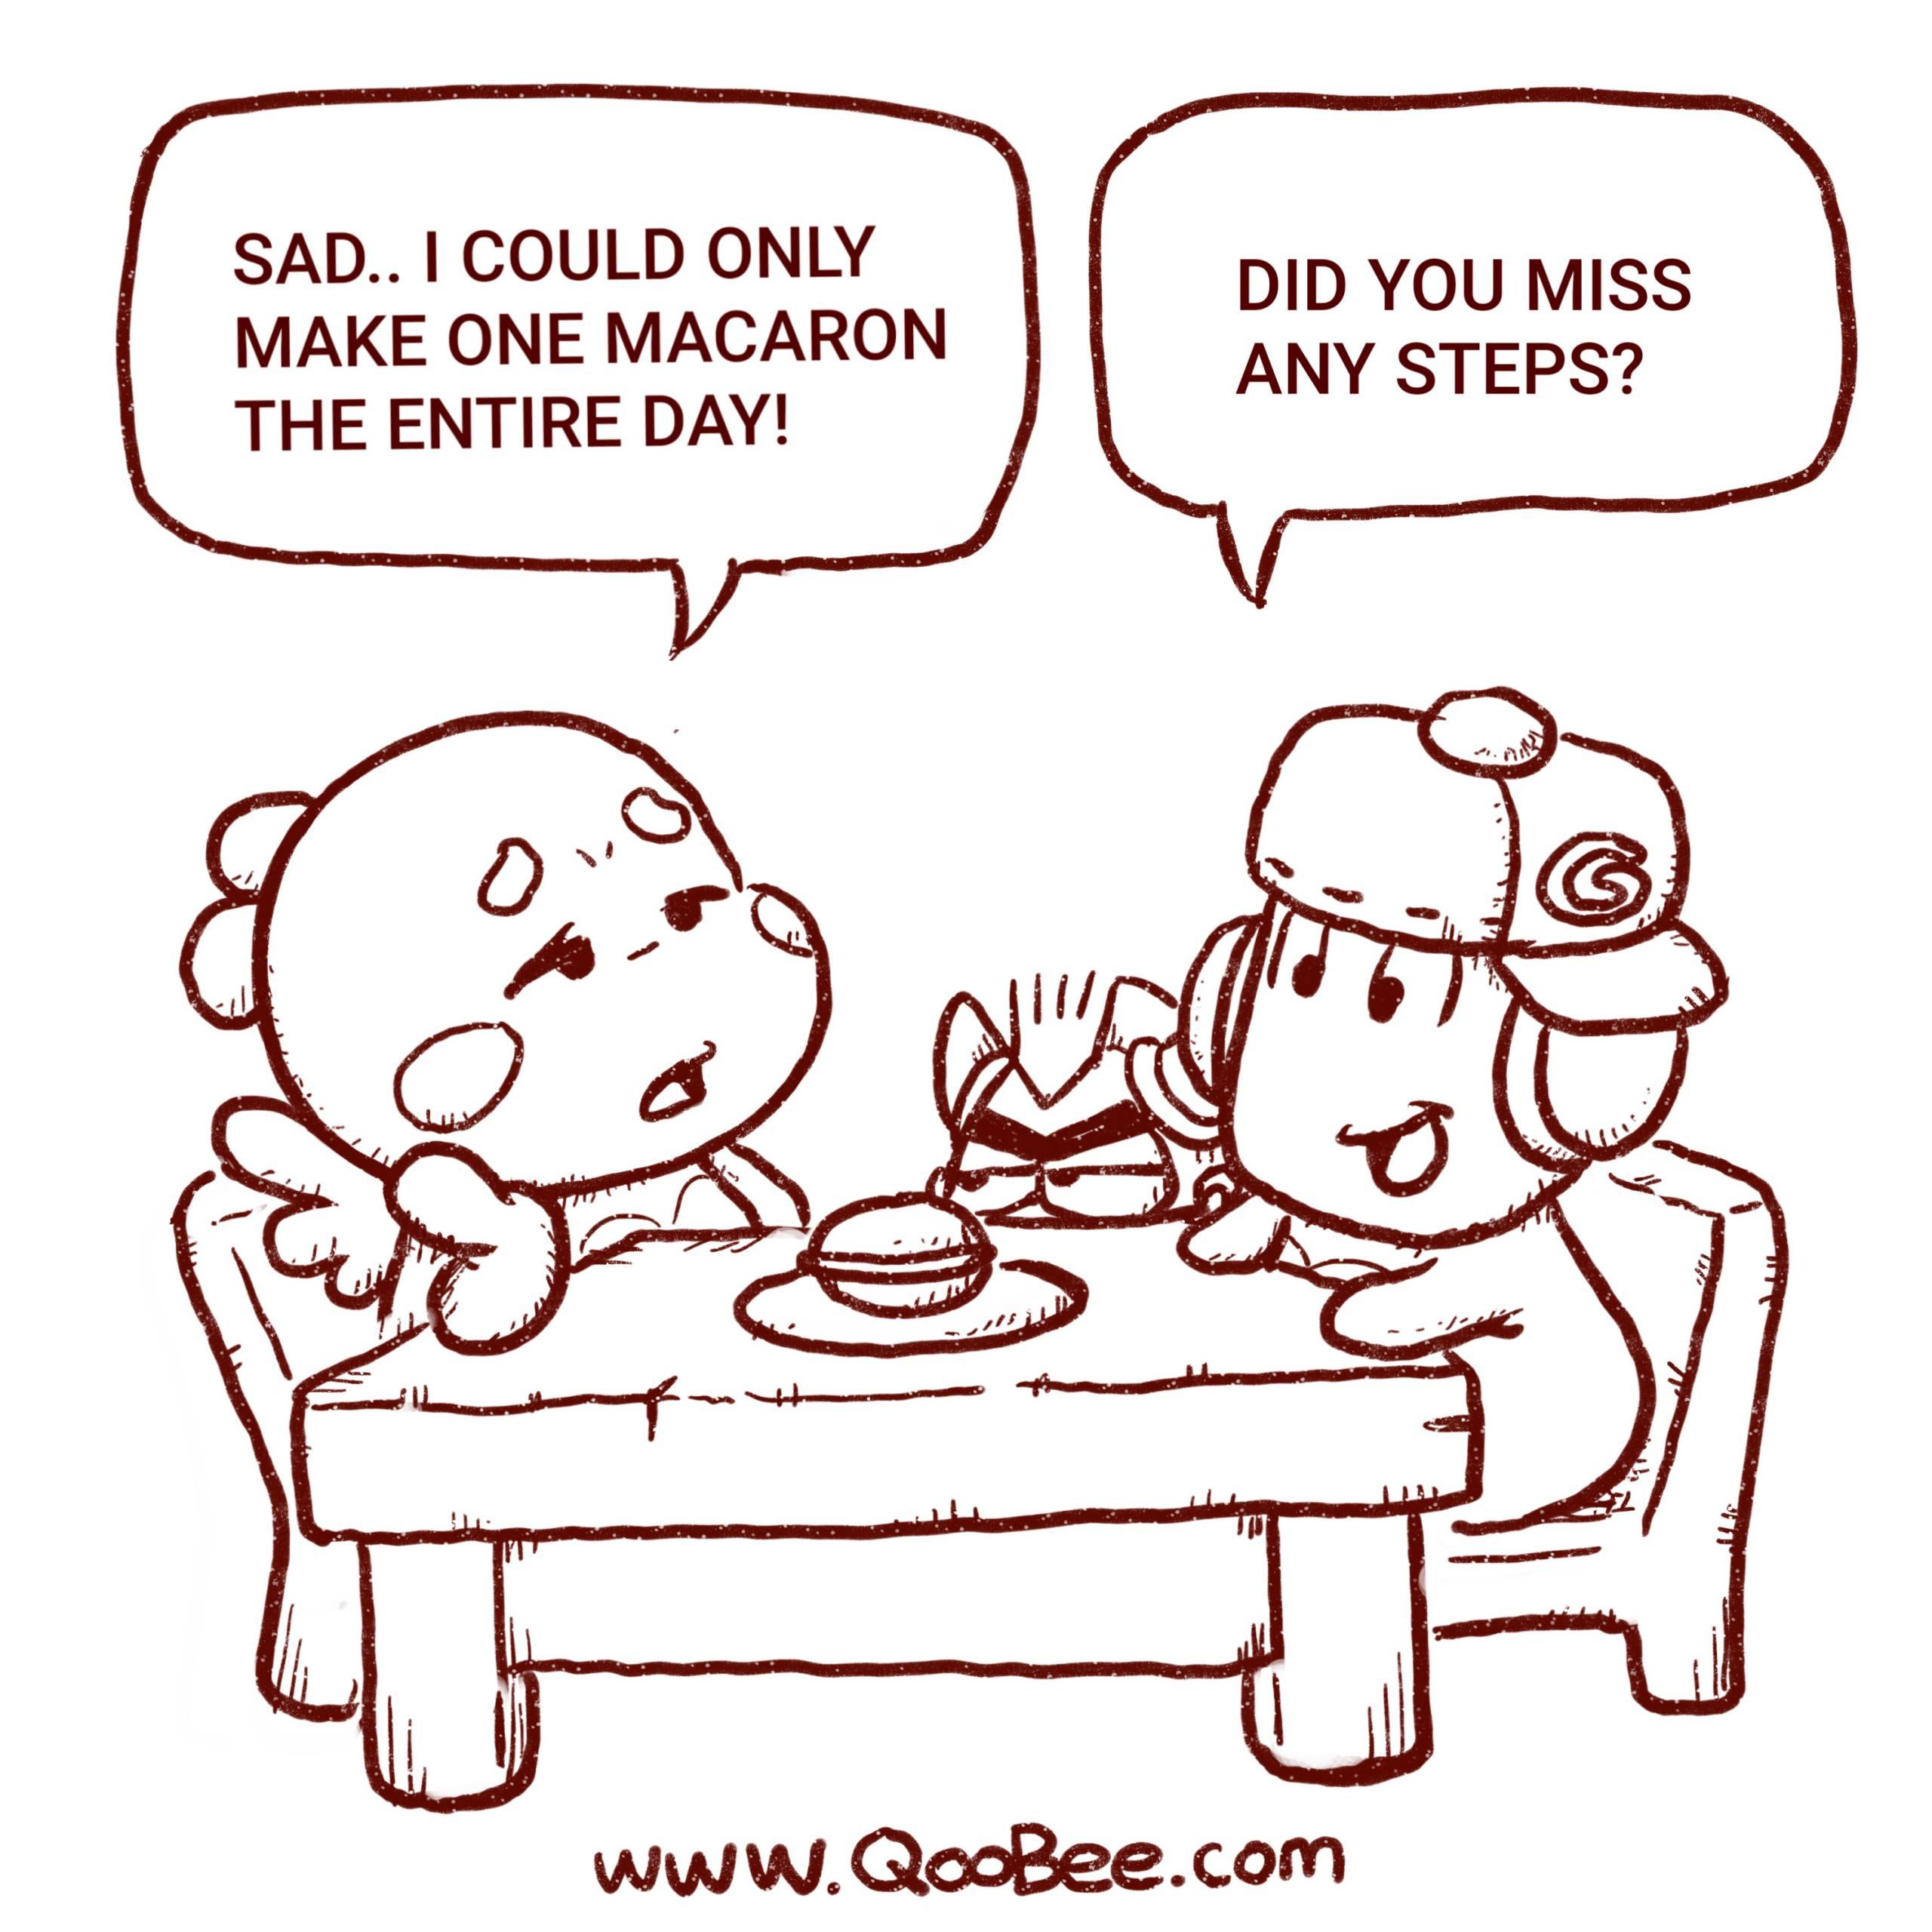 Qoobee's Macaron